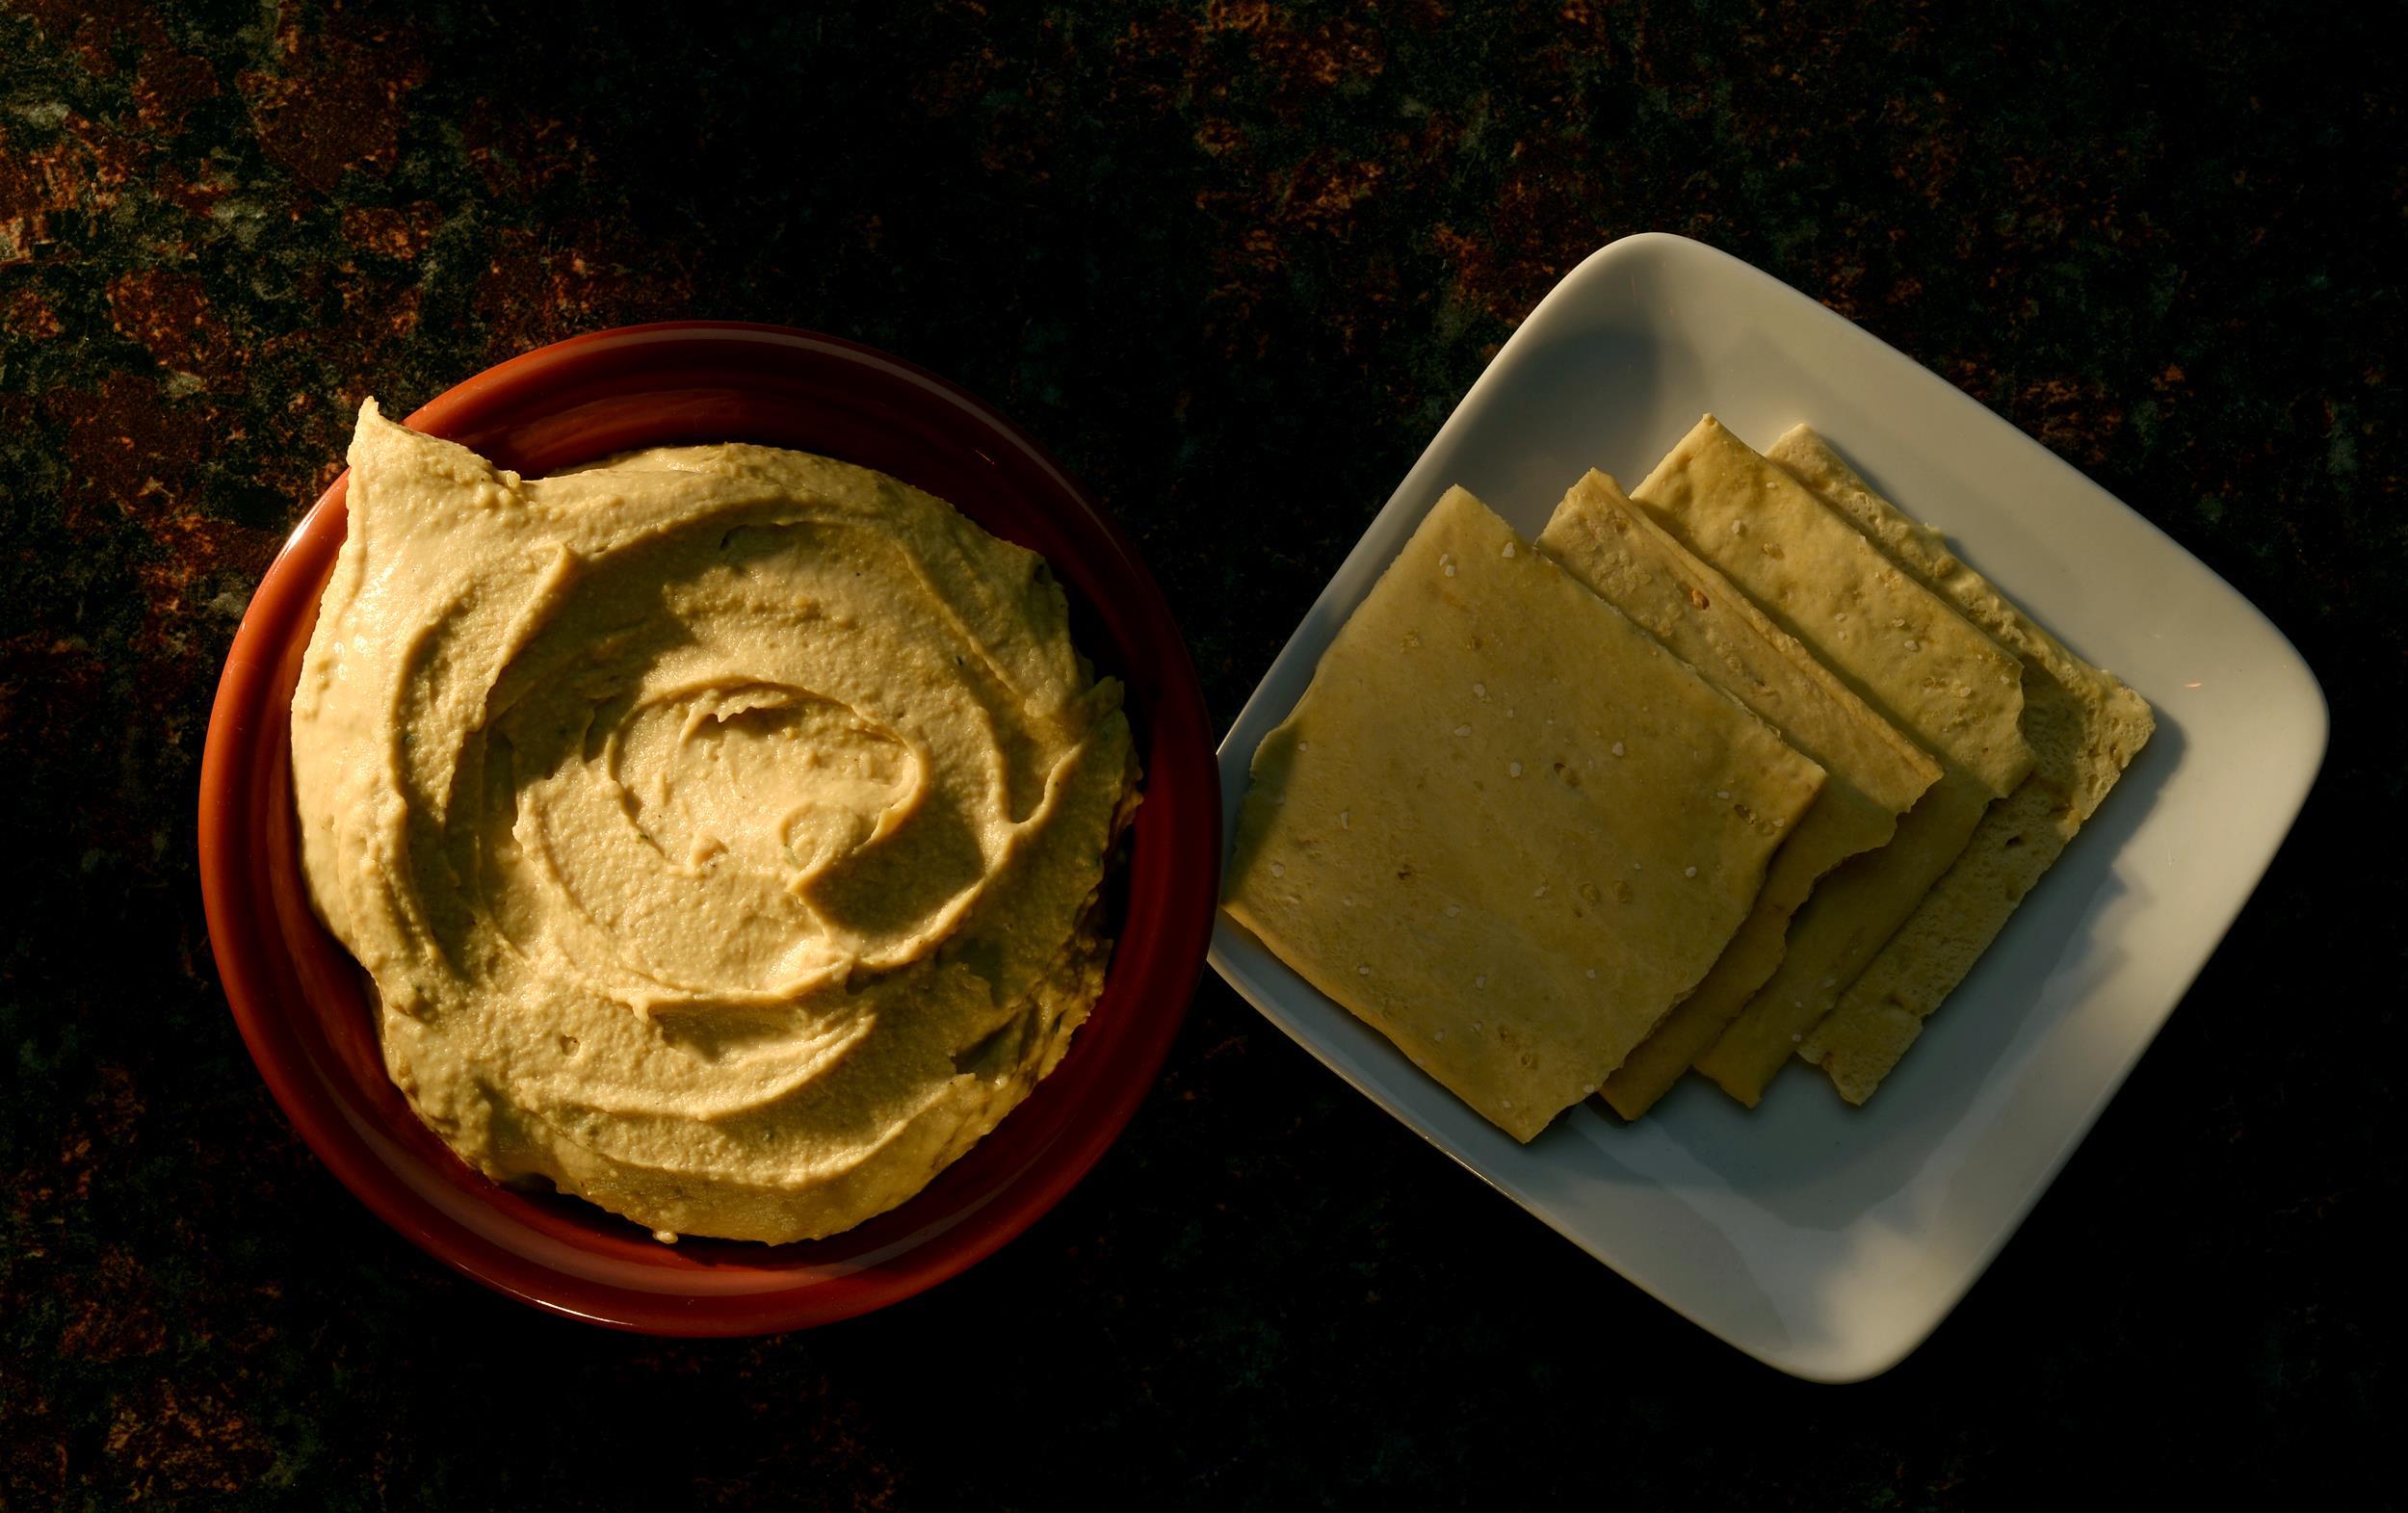 Image: Hummus